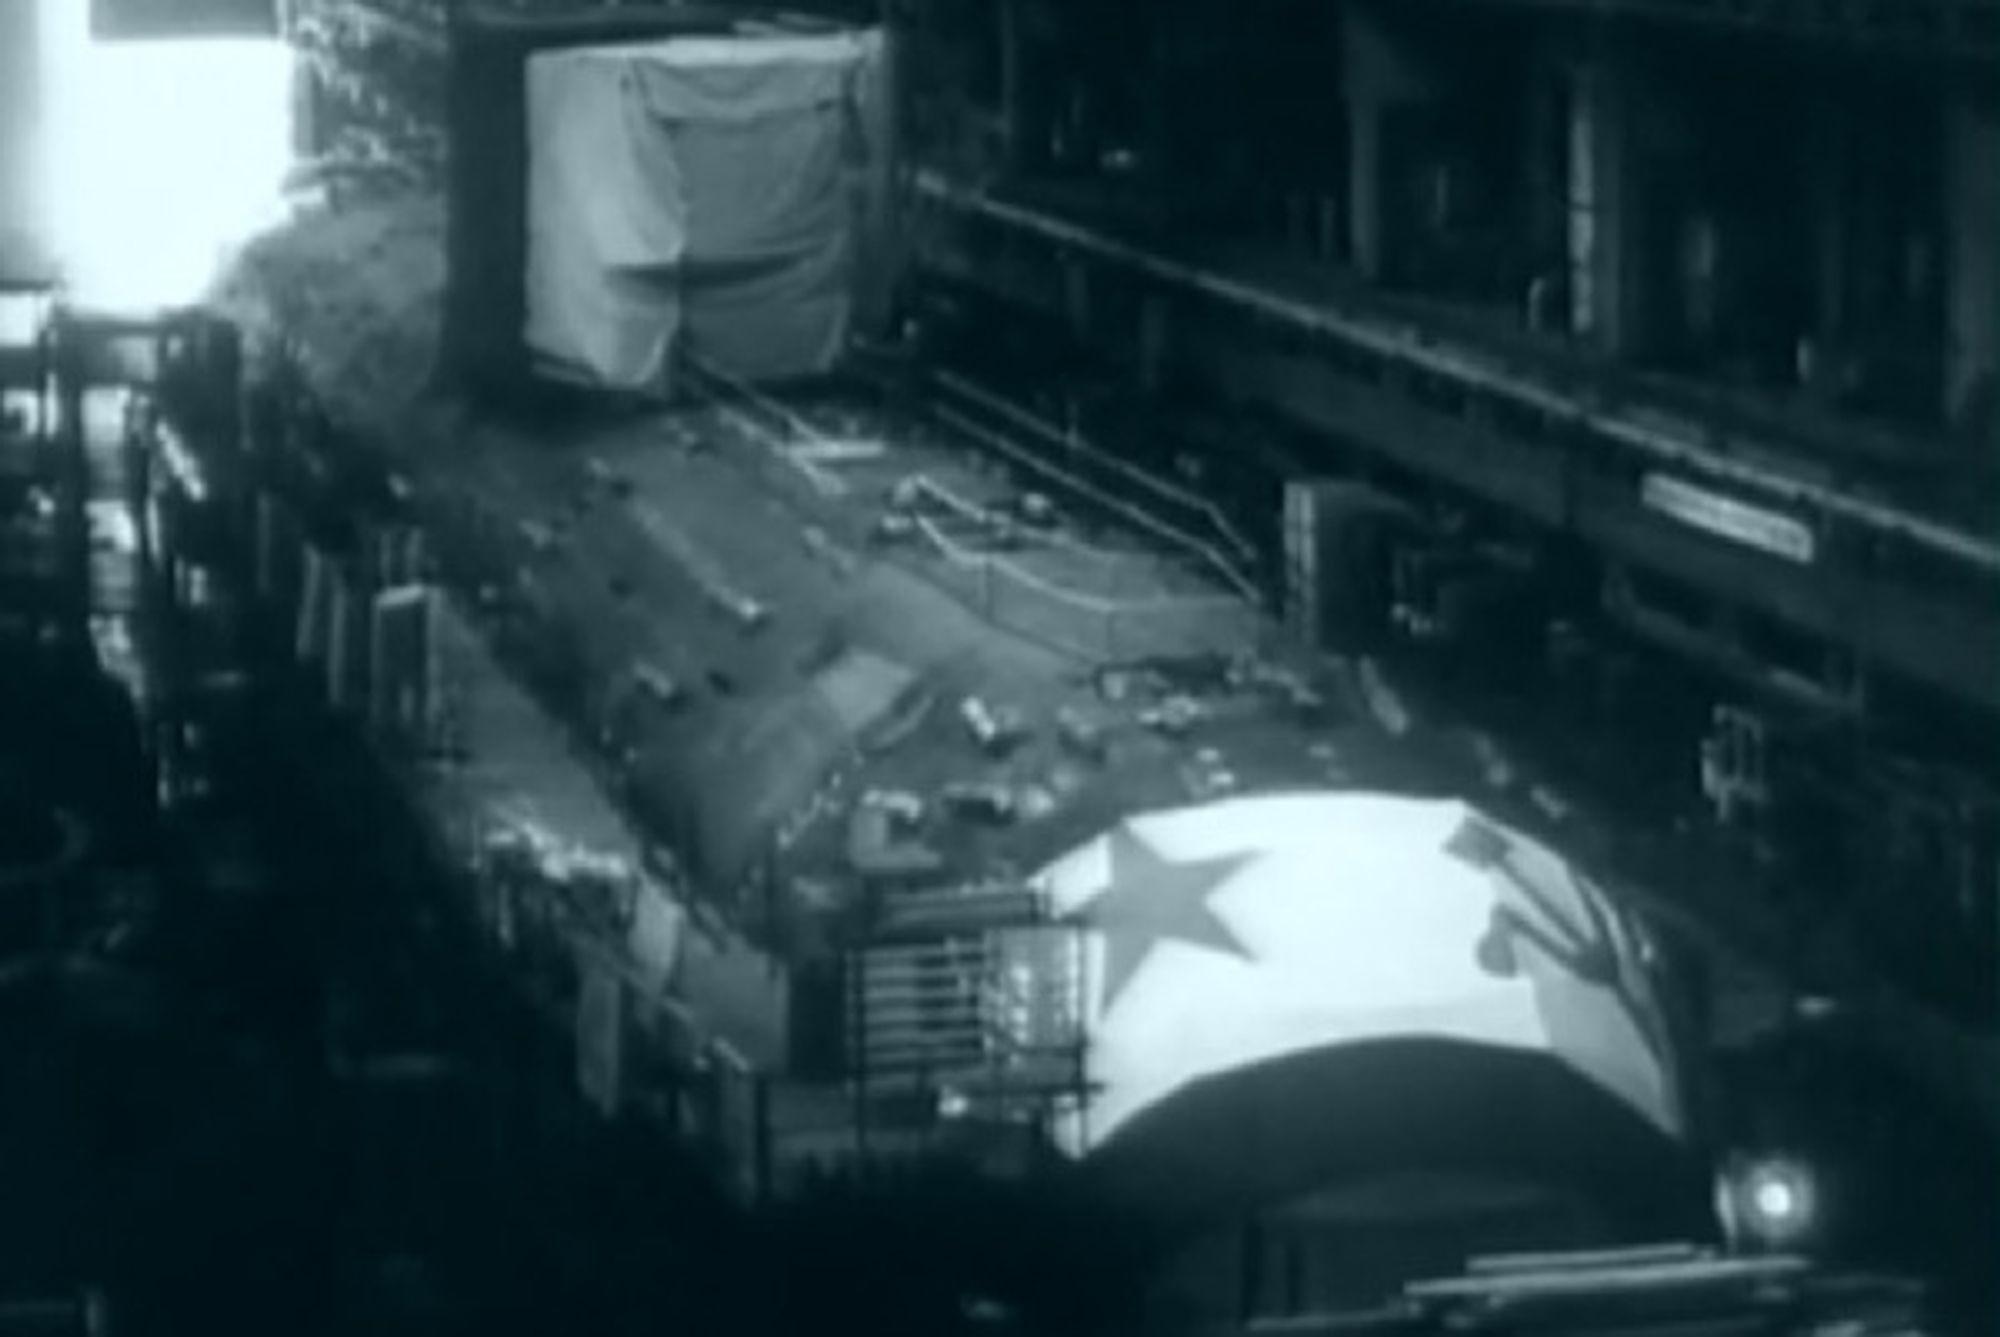 KOMSOMOLETS: Atomubåten sank i Norskehavet den 7. april 1989. Tjue år etter ligger den fortsatt og ruster på 1700 meters dybde. Havforskningsinstituttet vurderer likevel at vraket er en liten fare.